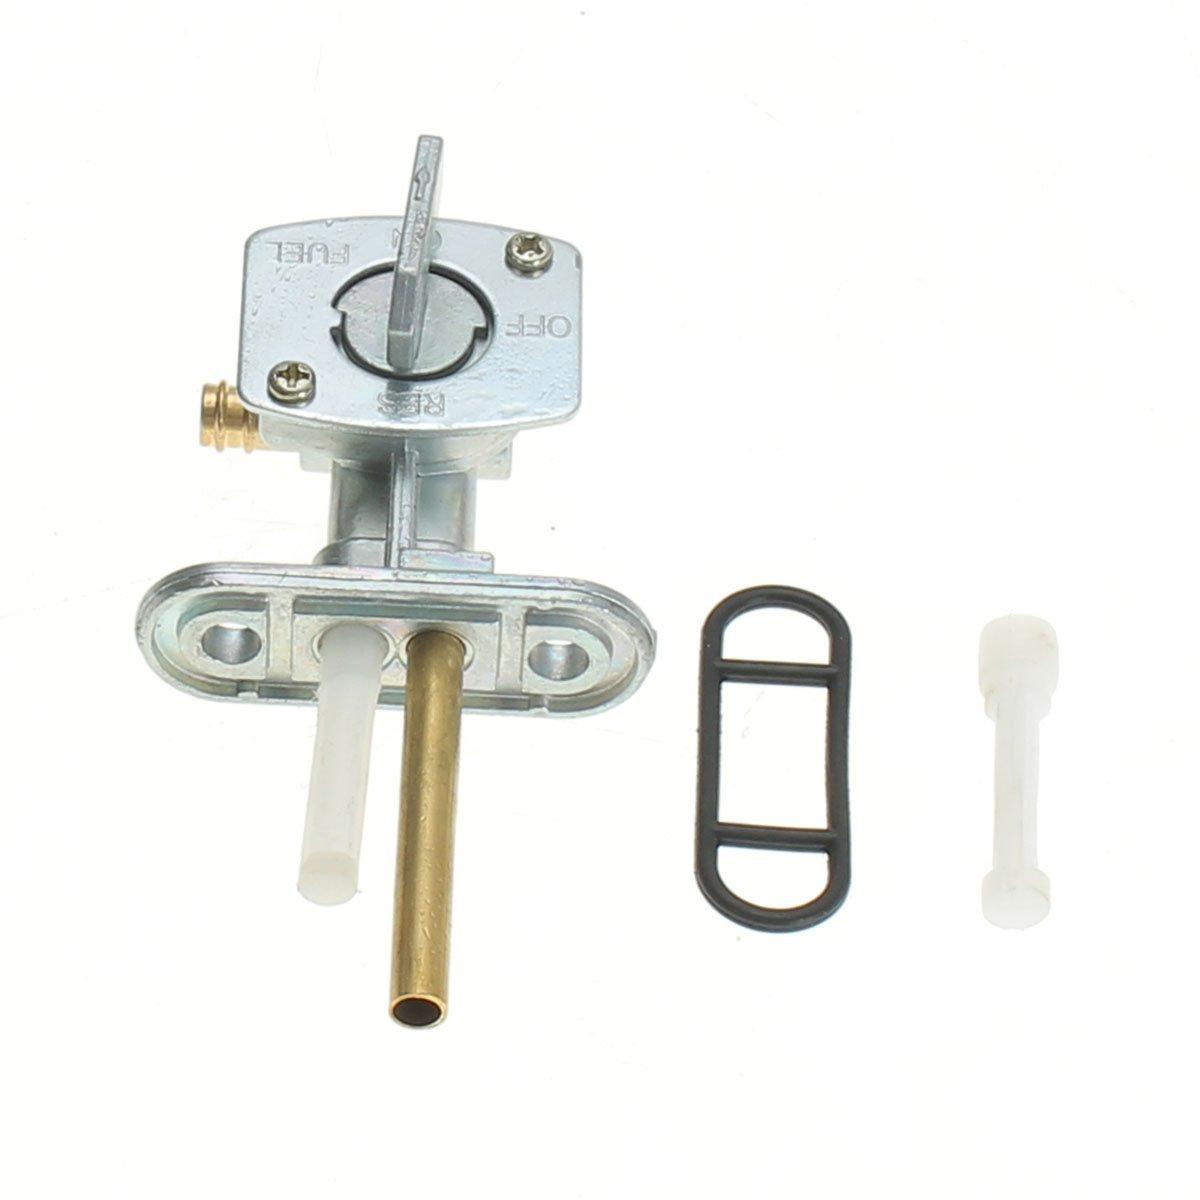 NICOLIE Pompe /À Gaz Petcock Fuel Robinet Interrupteur Pour Yamaha Blaster 200 Yfs200 88-06